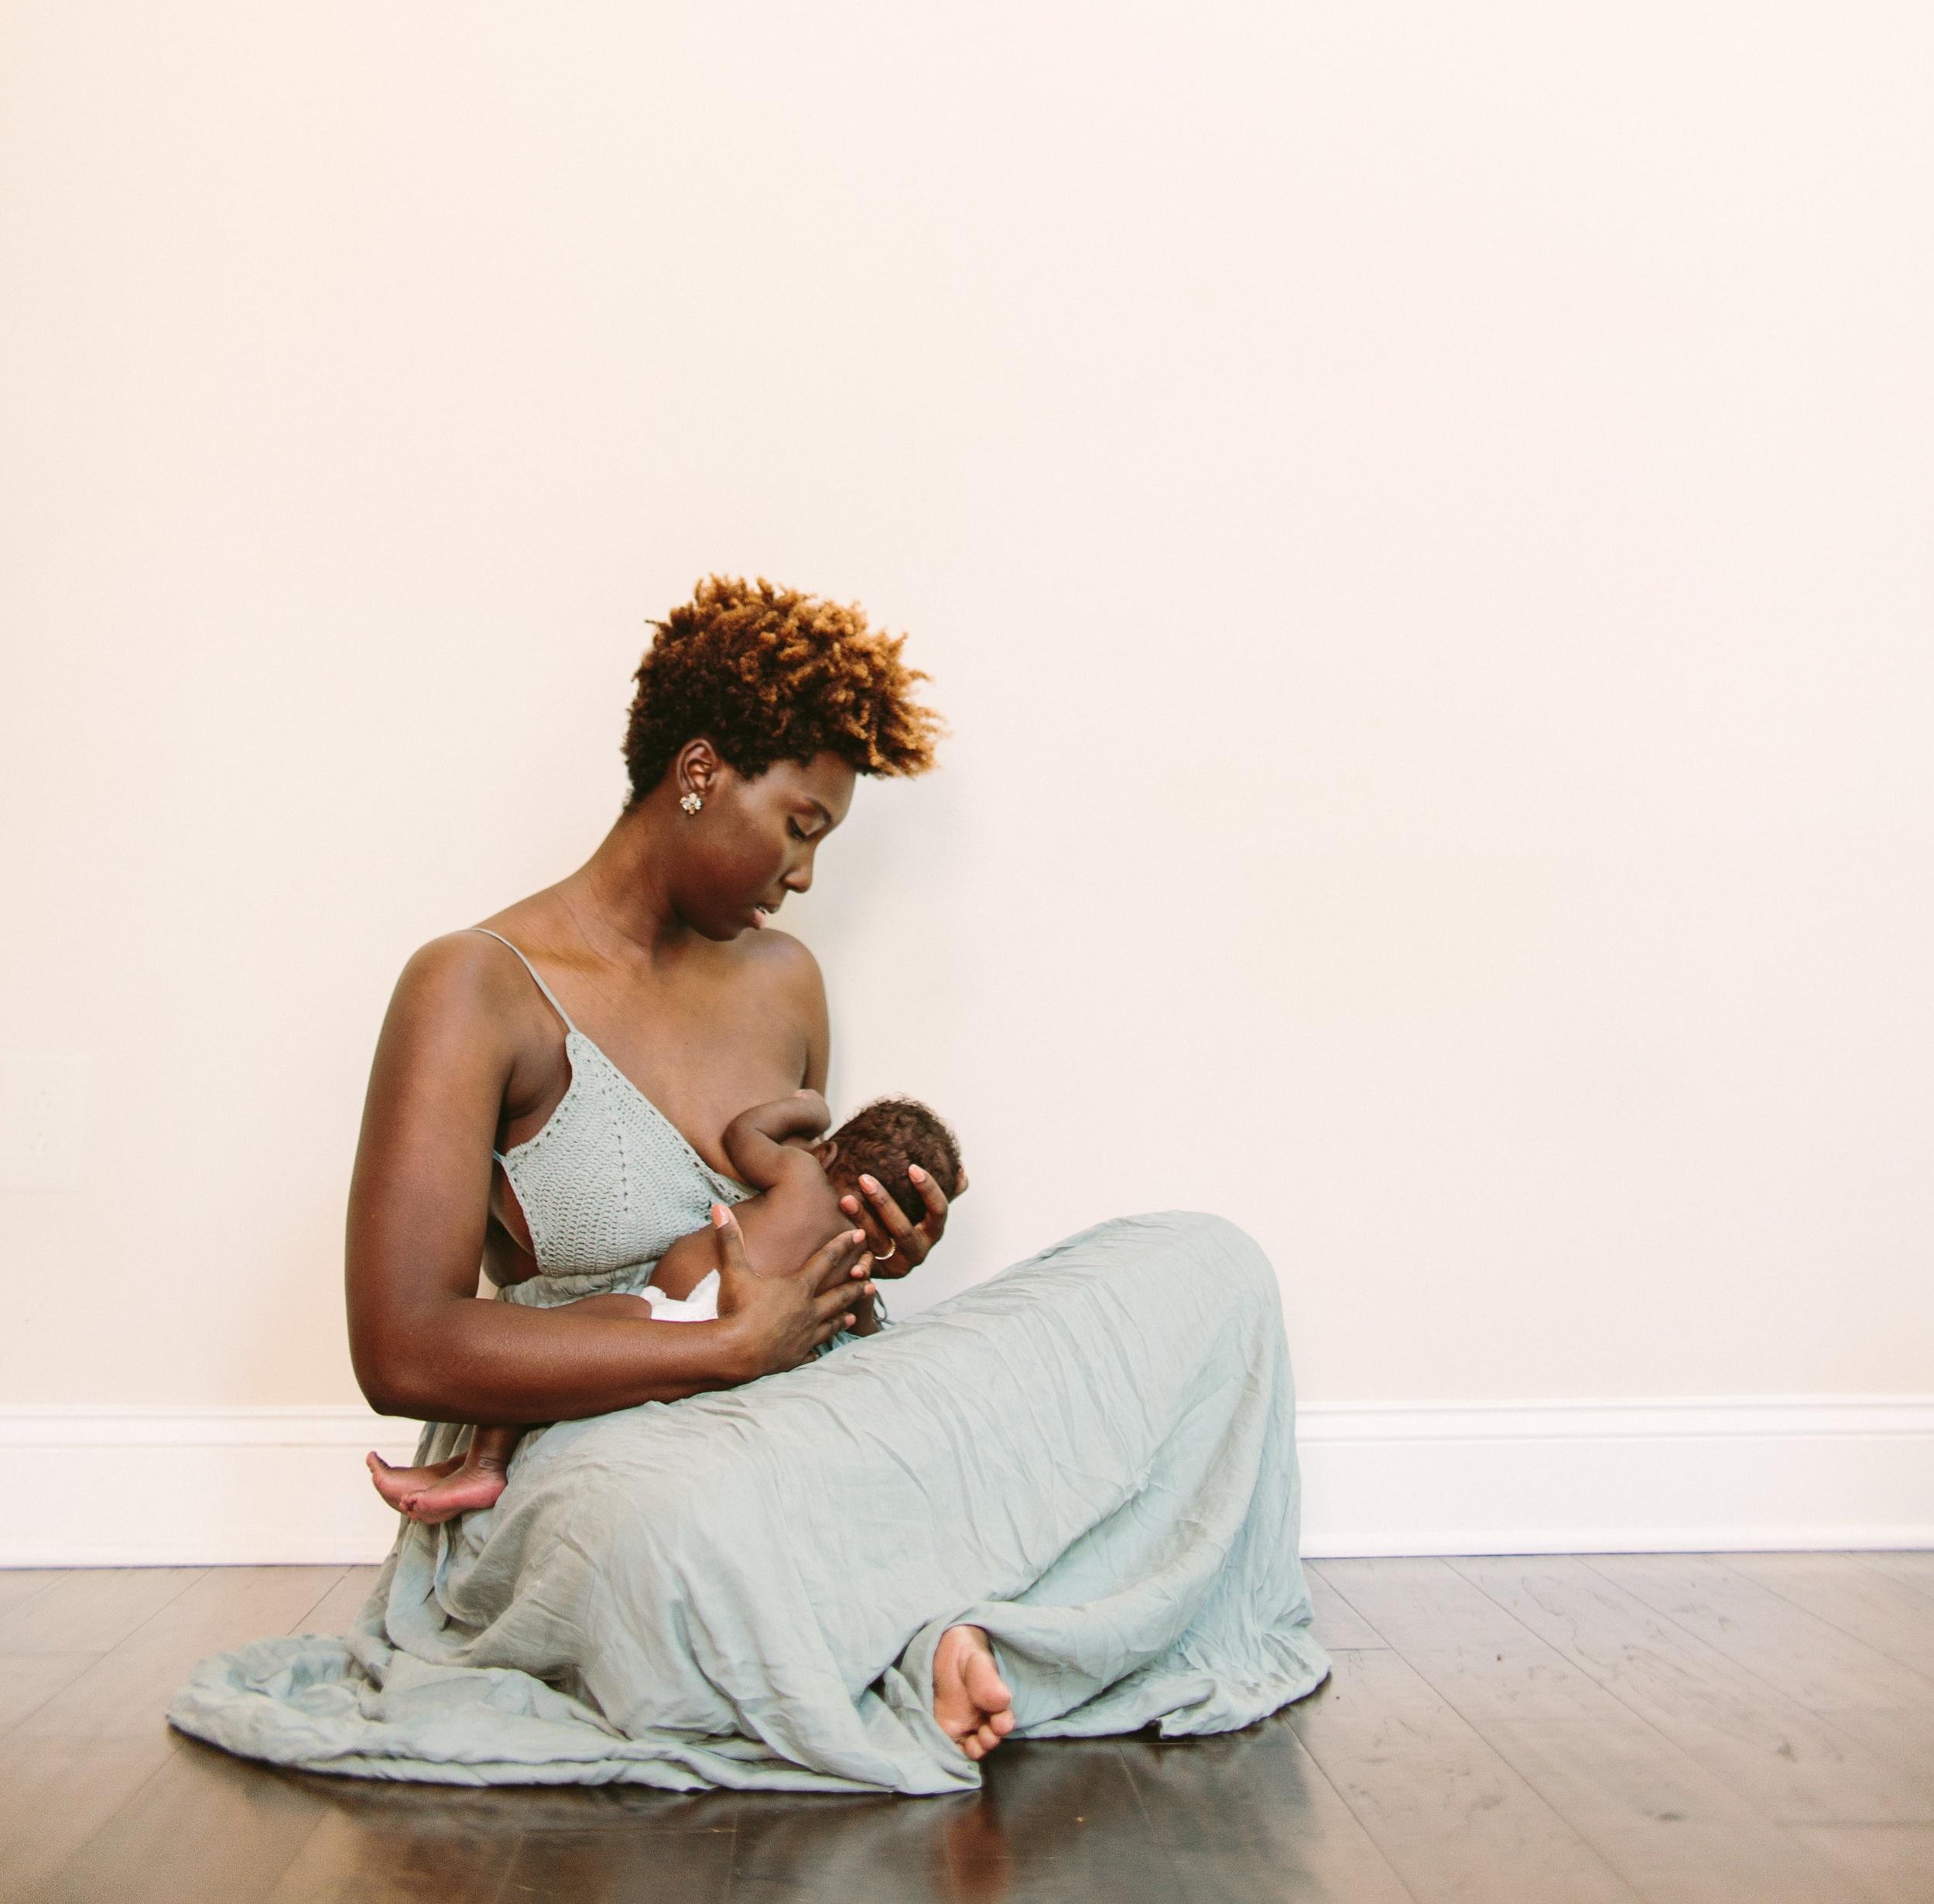 Black-breast-feeding-week.jpg